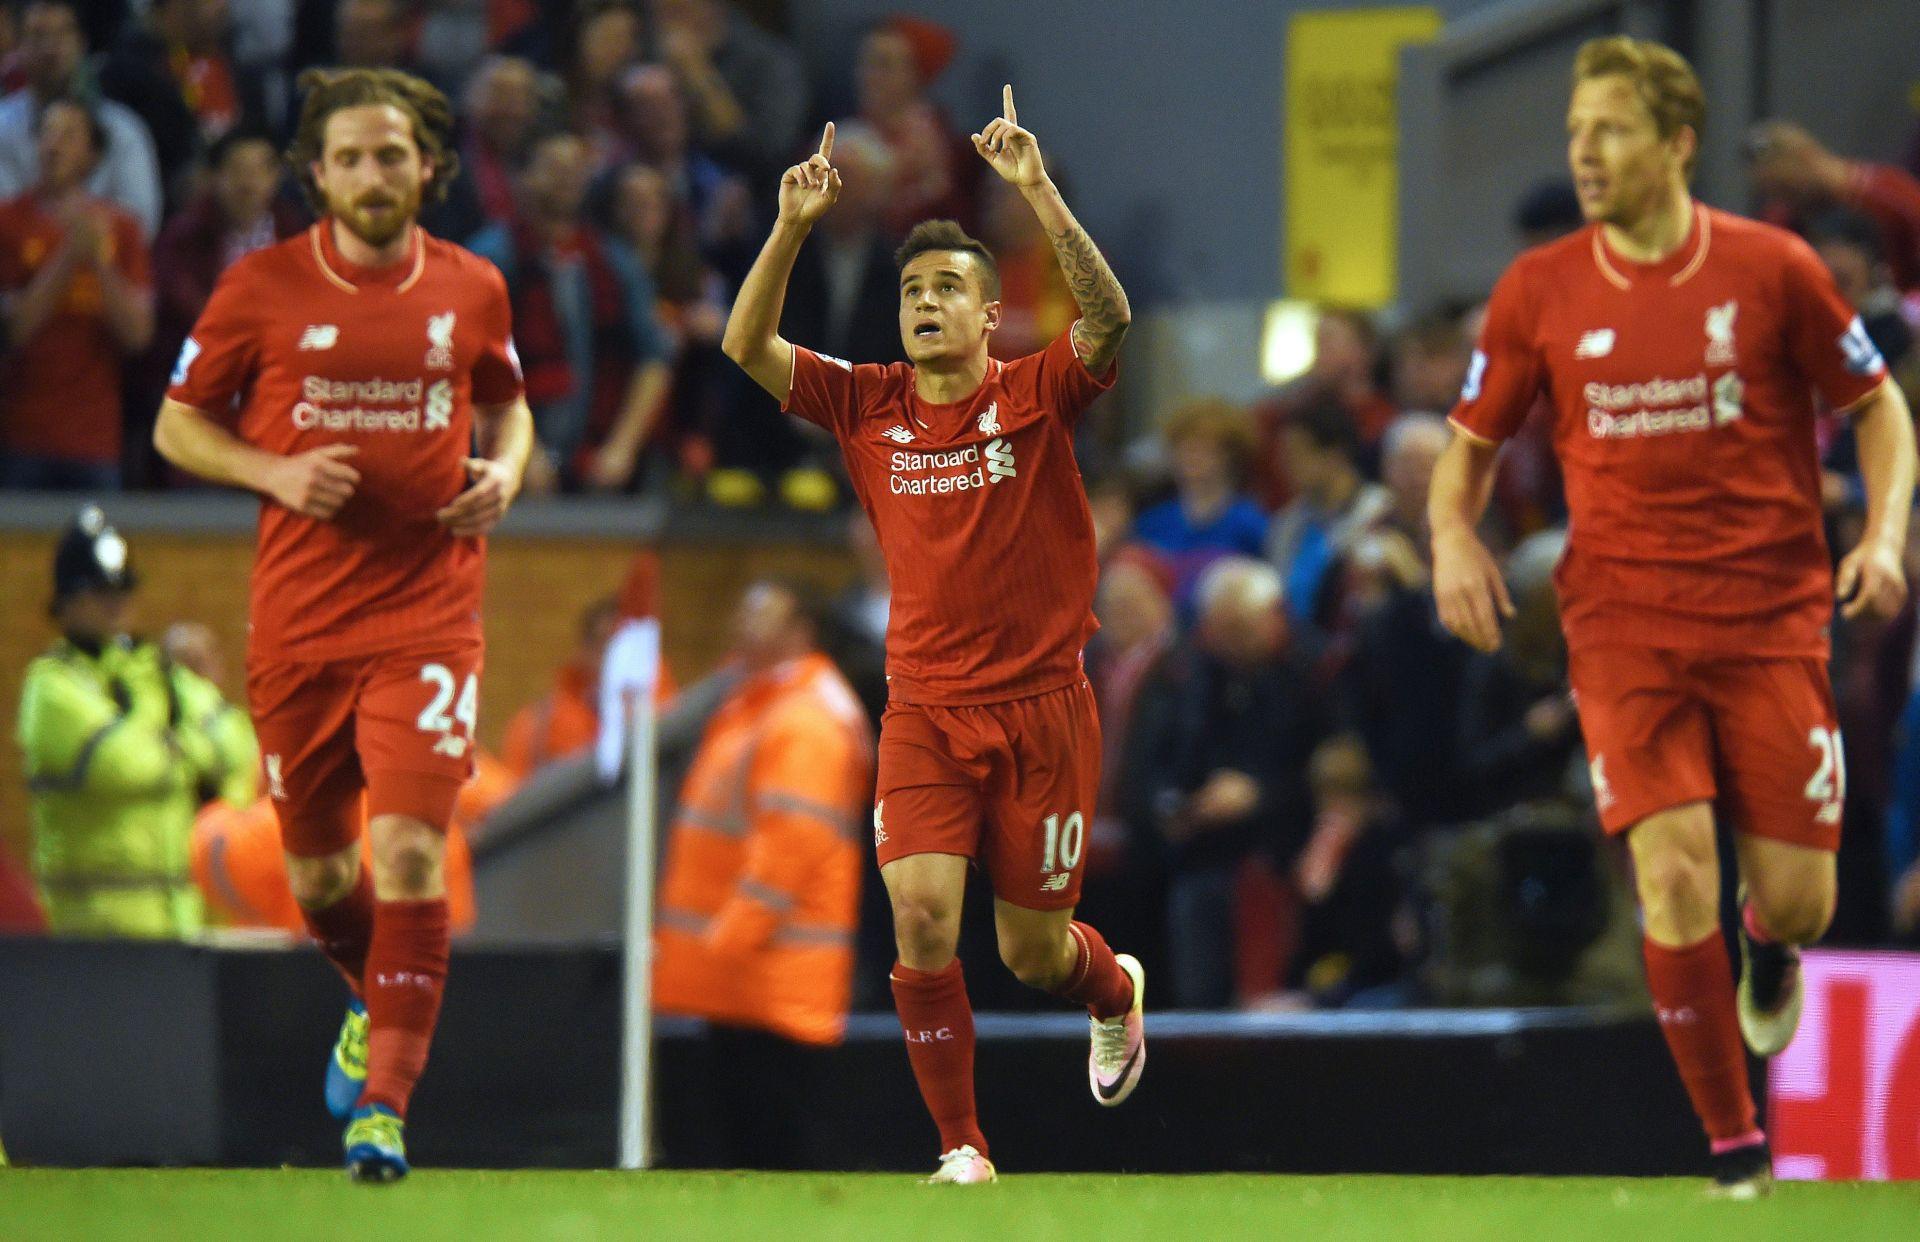 """IAN RUSH """"Vjerujem da će Coutinho ostati u Liverpoolu"""""""